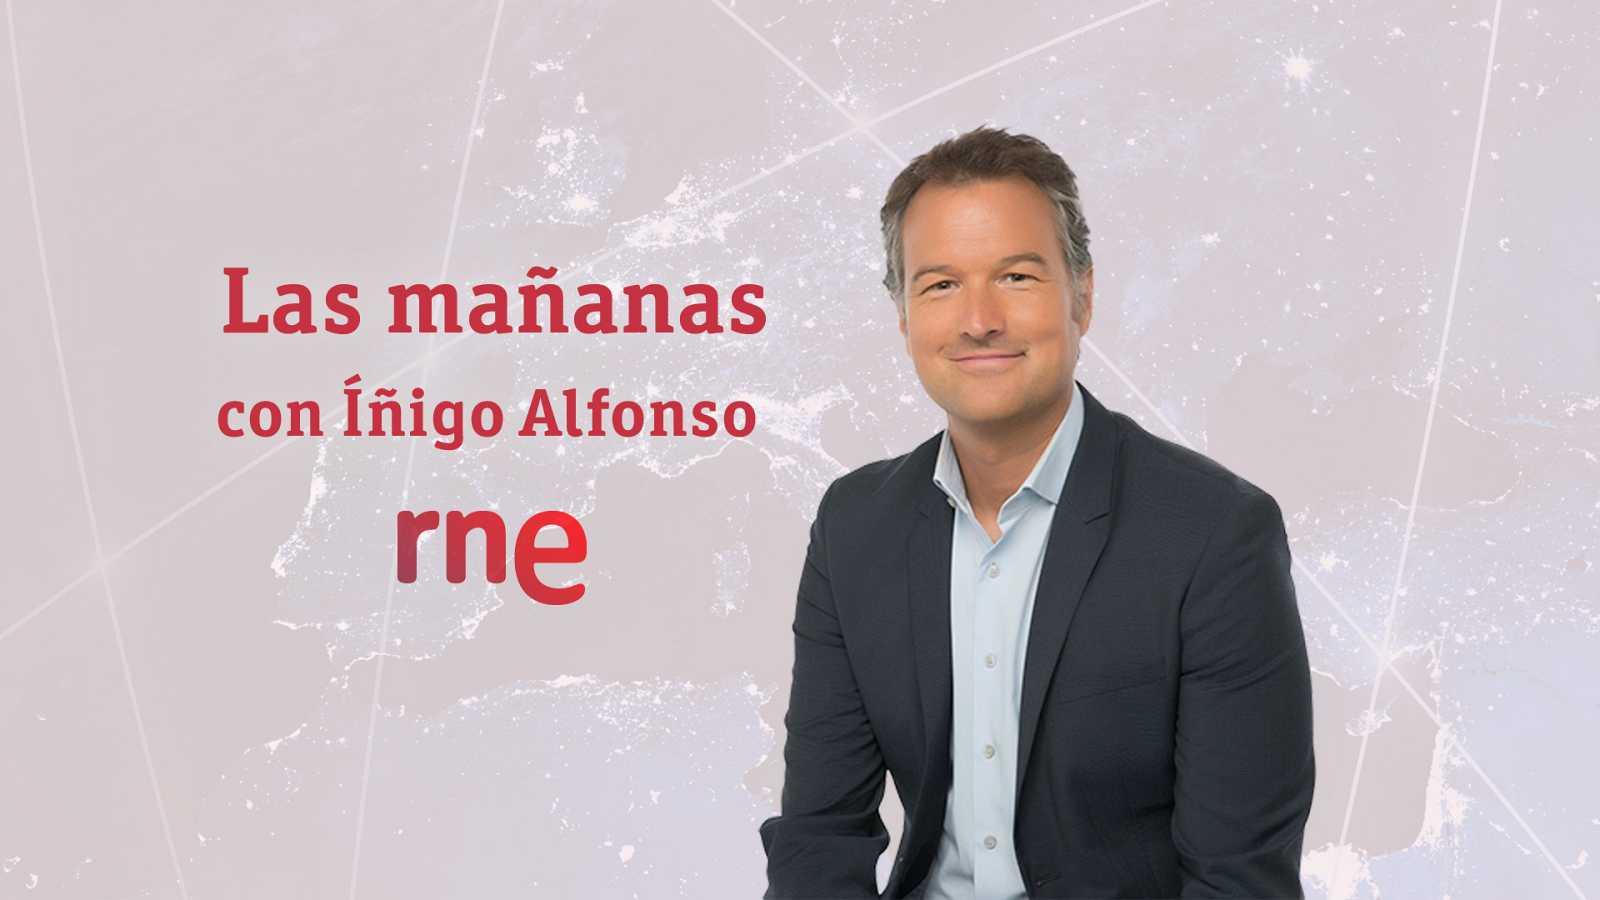 Las mañanas de RNE con Íñigo Alfonso - Primera hora - 26/01/21 - escuchar ahora